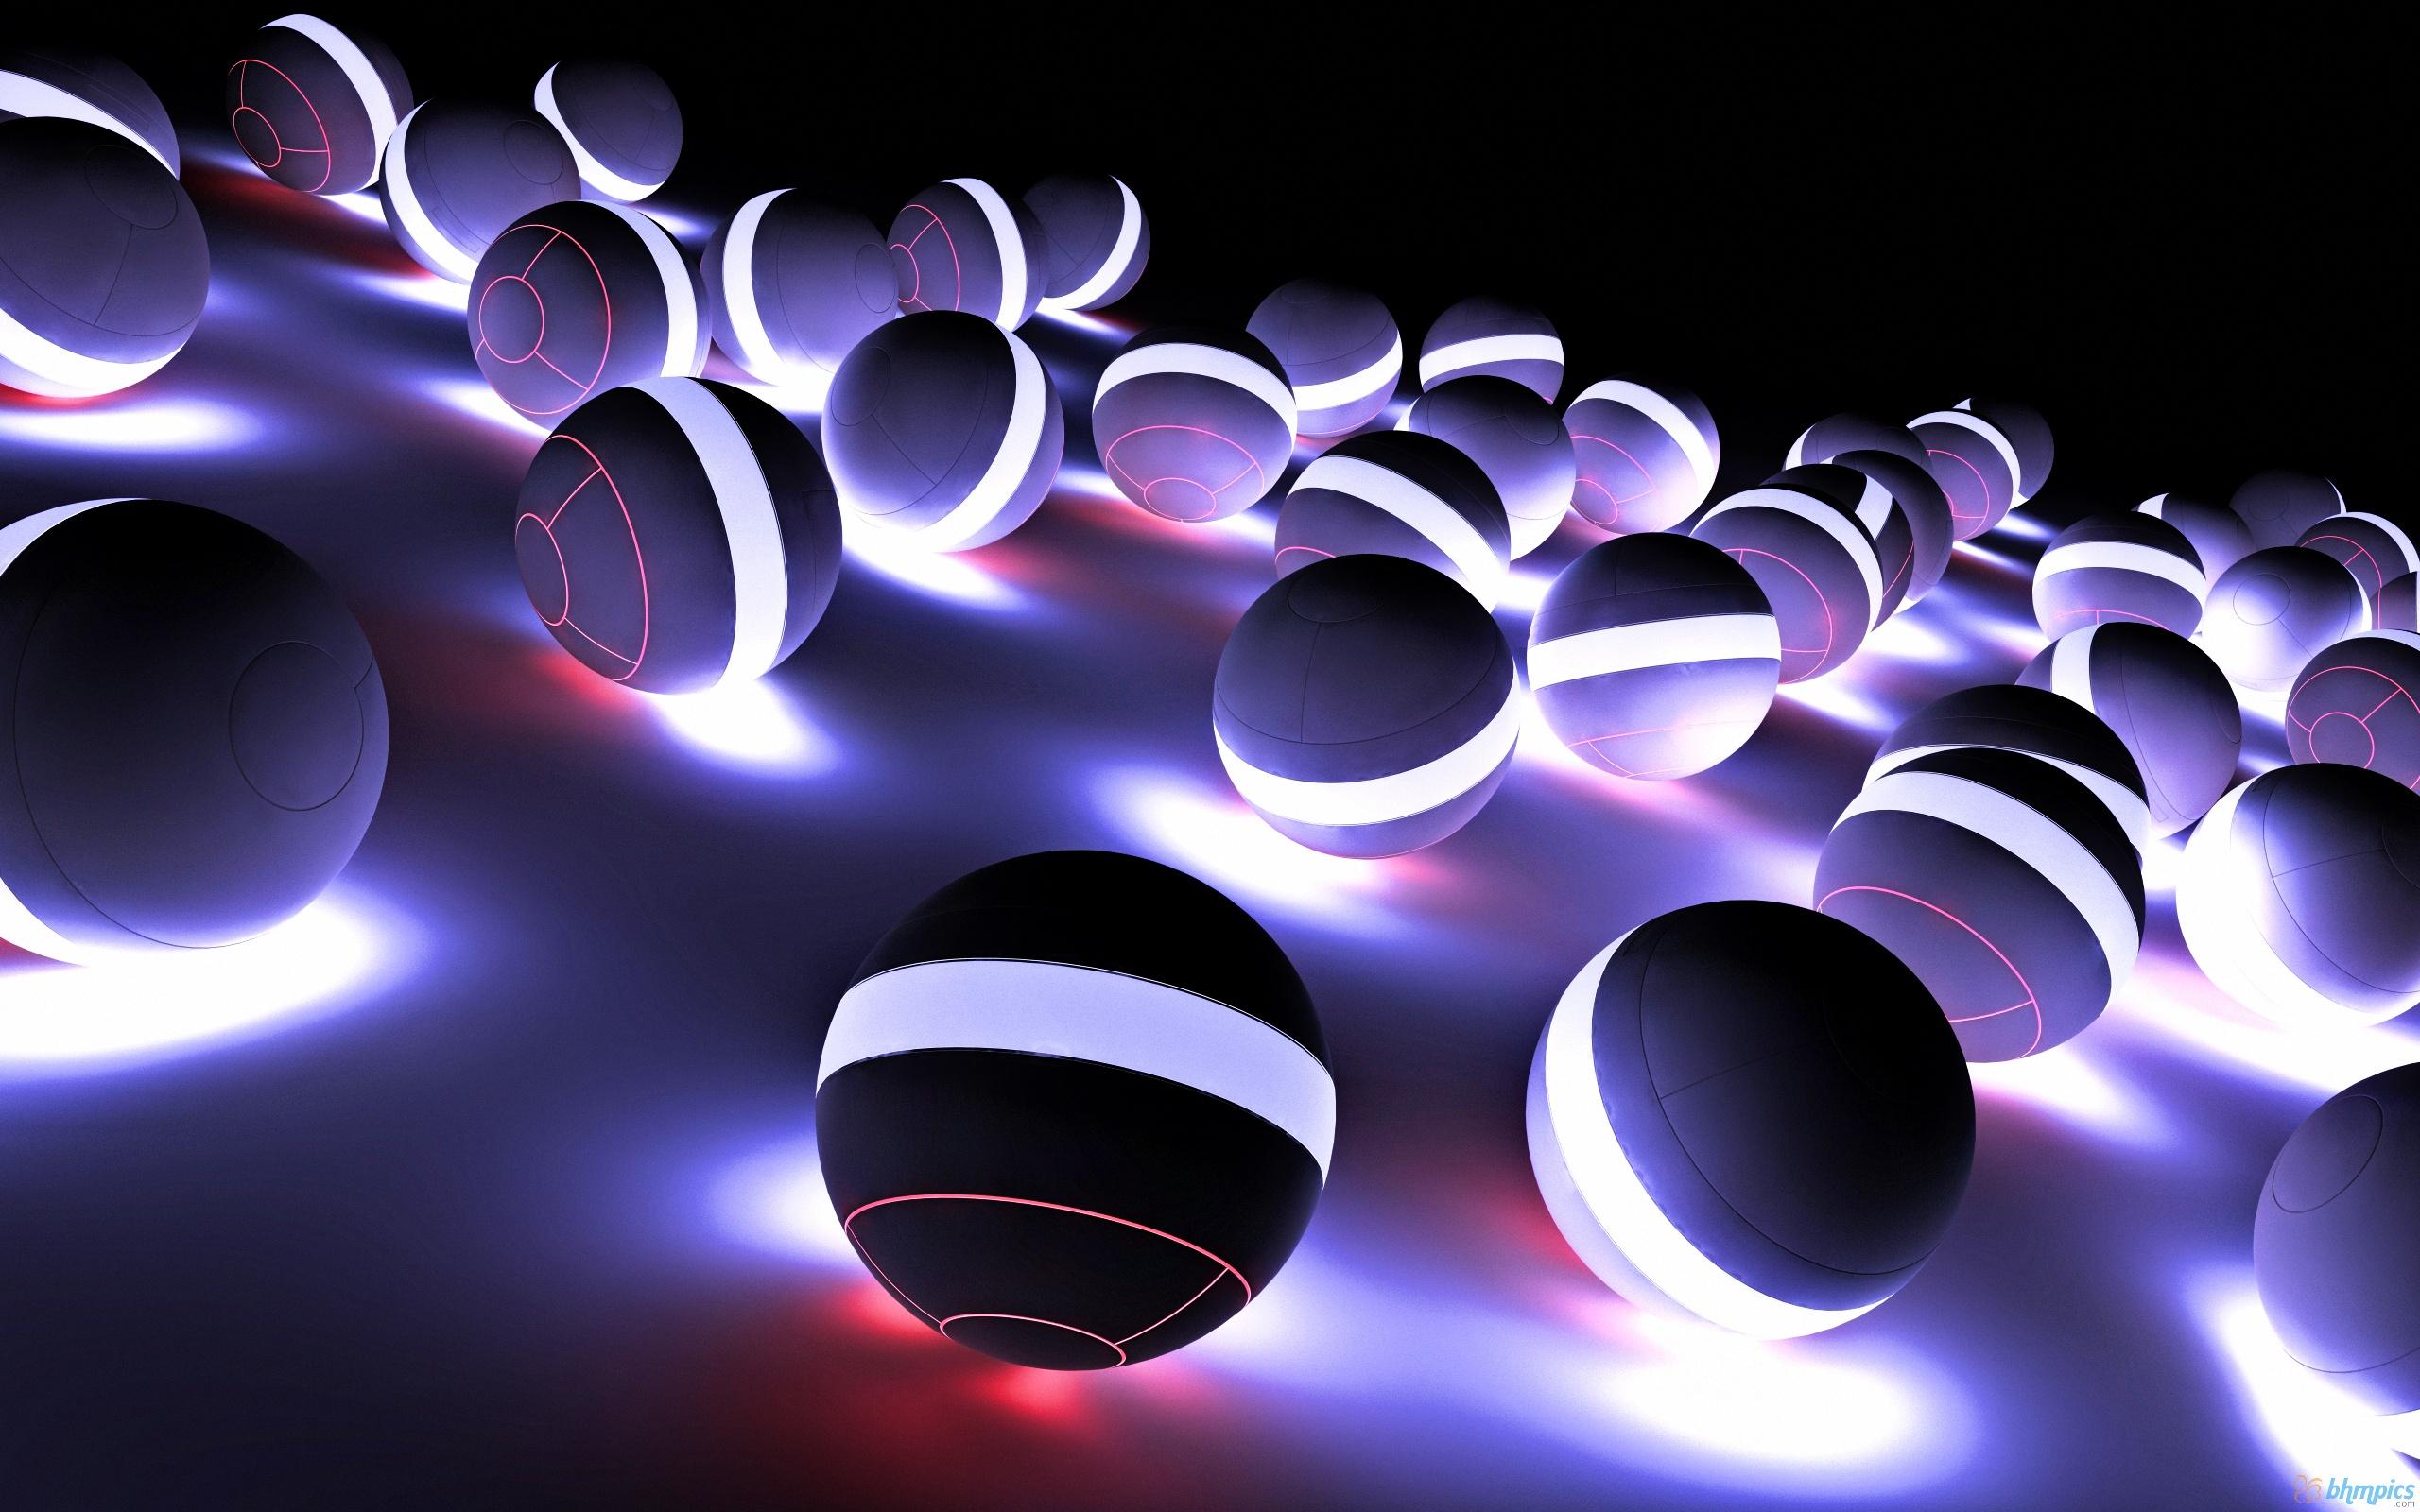 Radiant shining balls